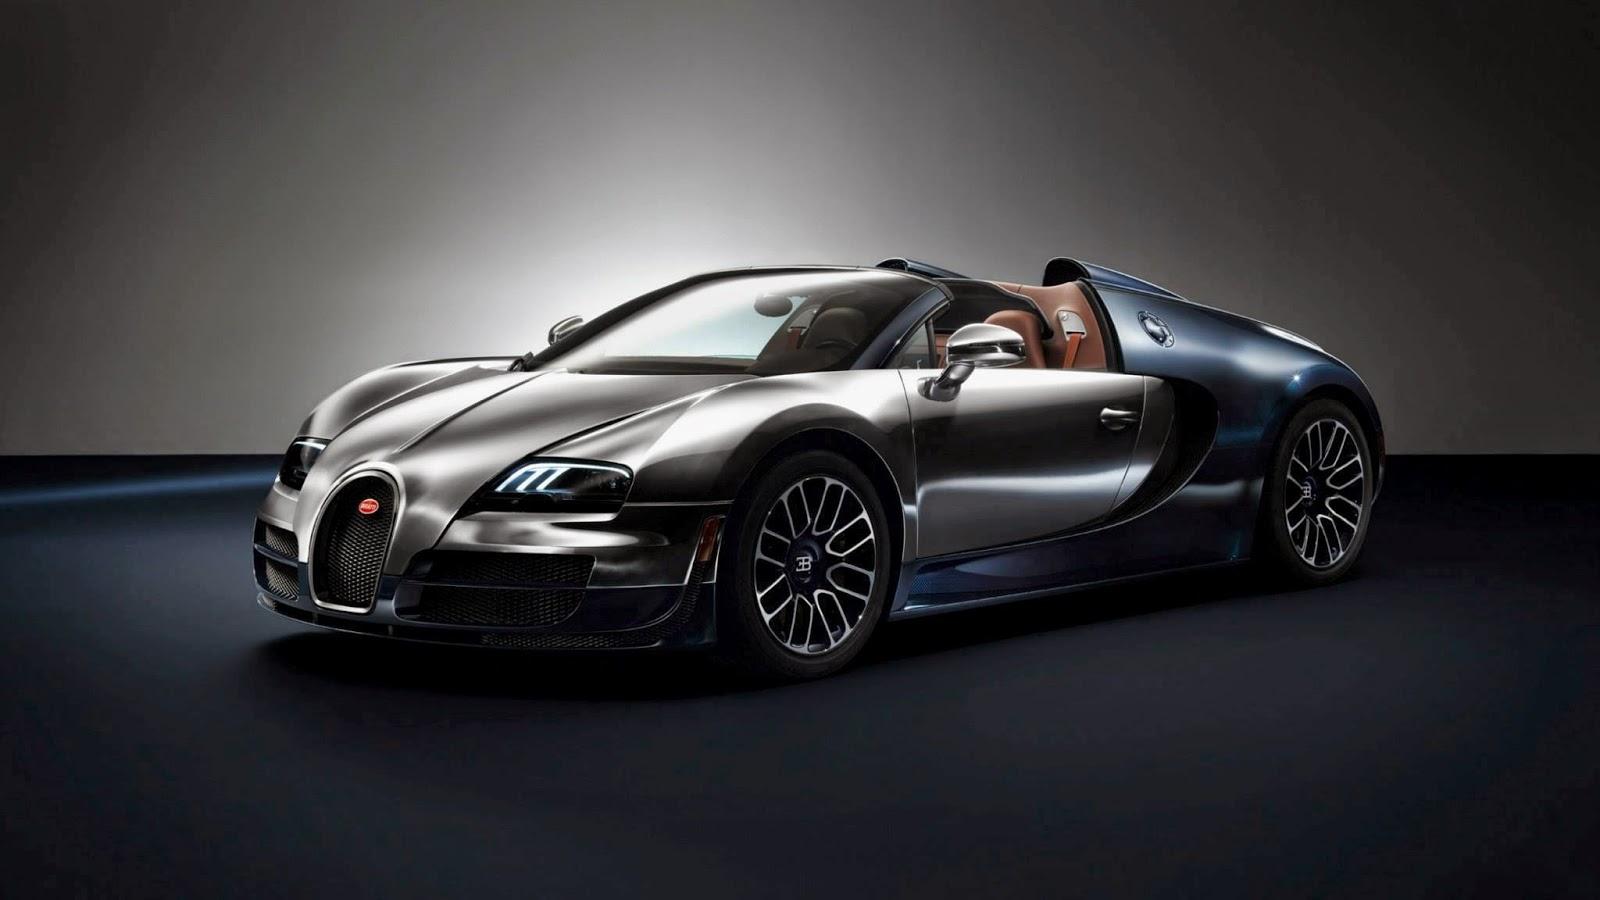 Bugatti Veyron Ettore Bugatti Posebna Serija 2015 Car Hd